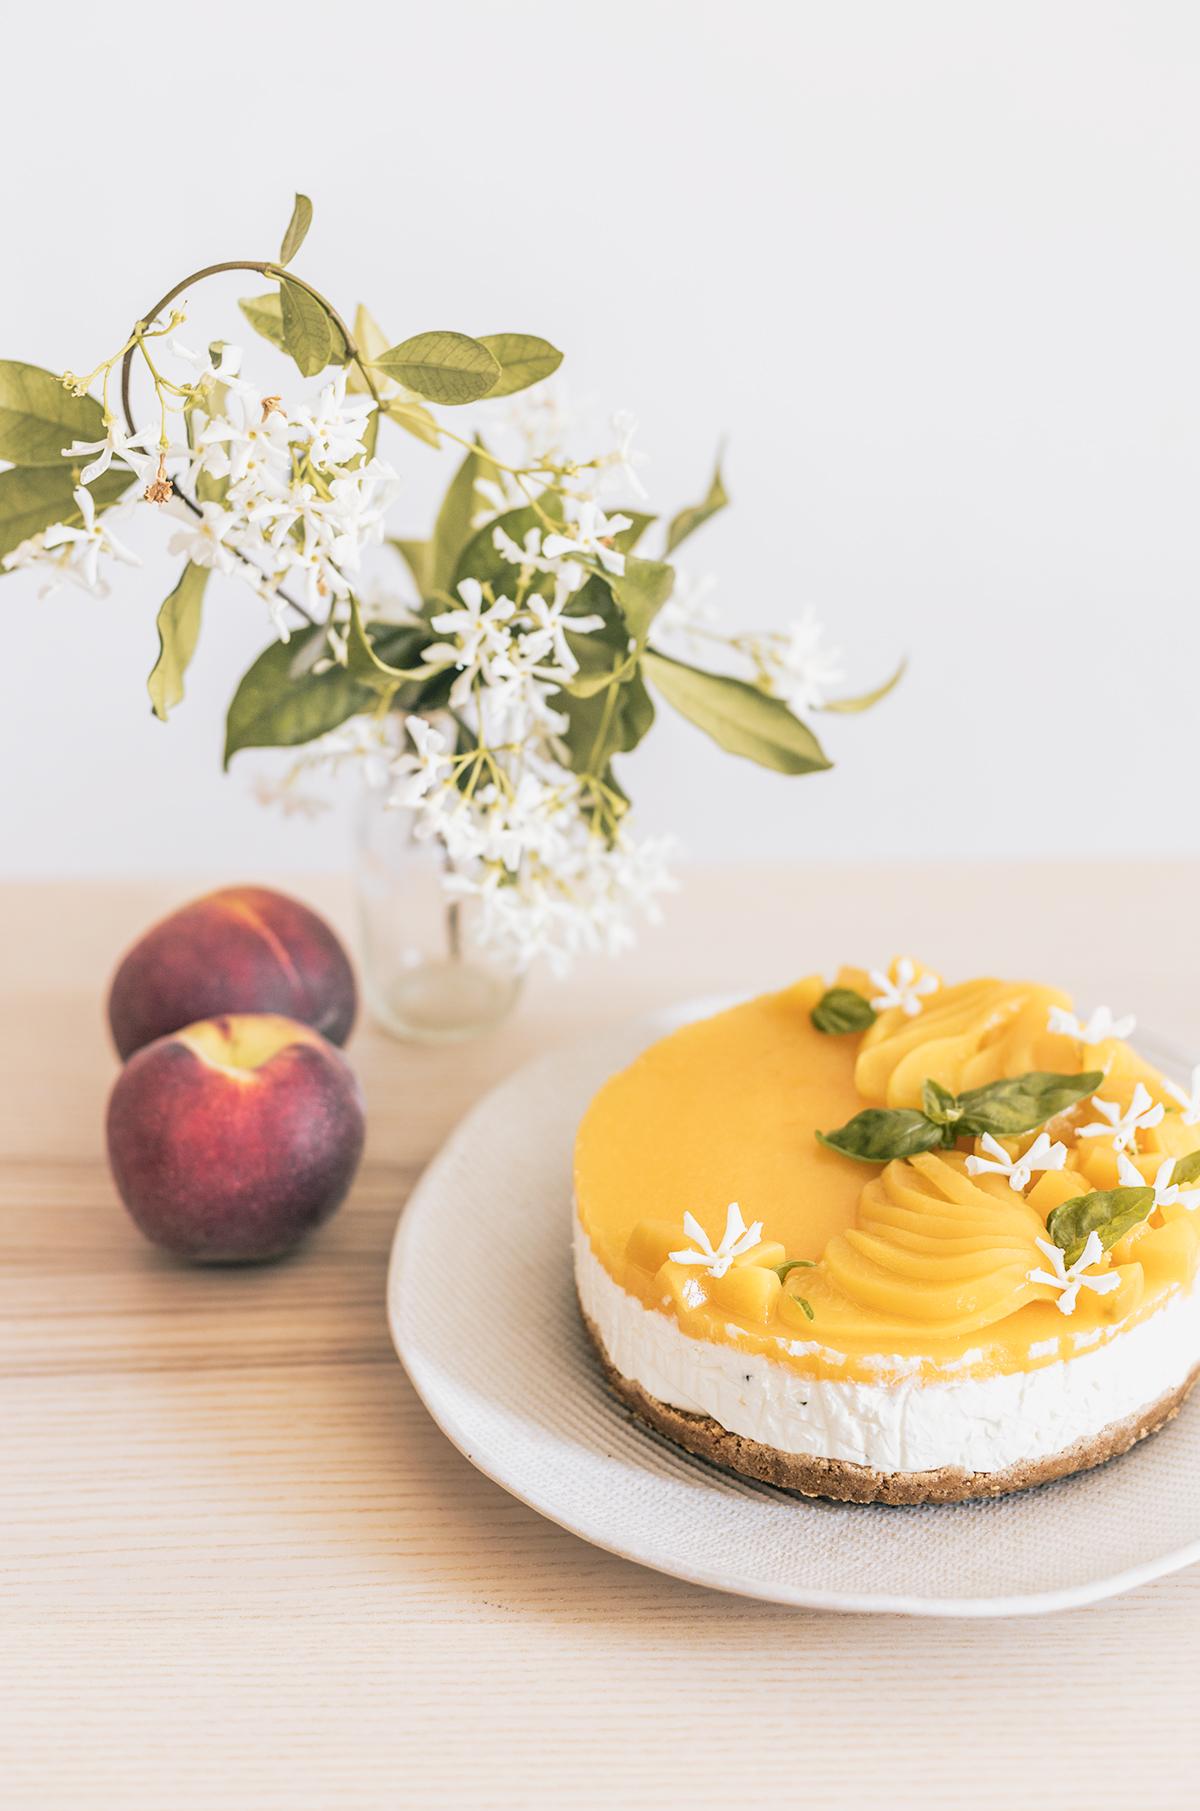 Cheesecake senza cottura allo yogurt - la ricetta senza forno